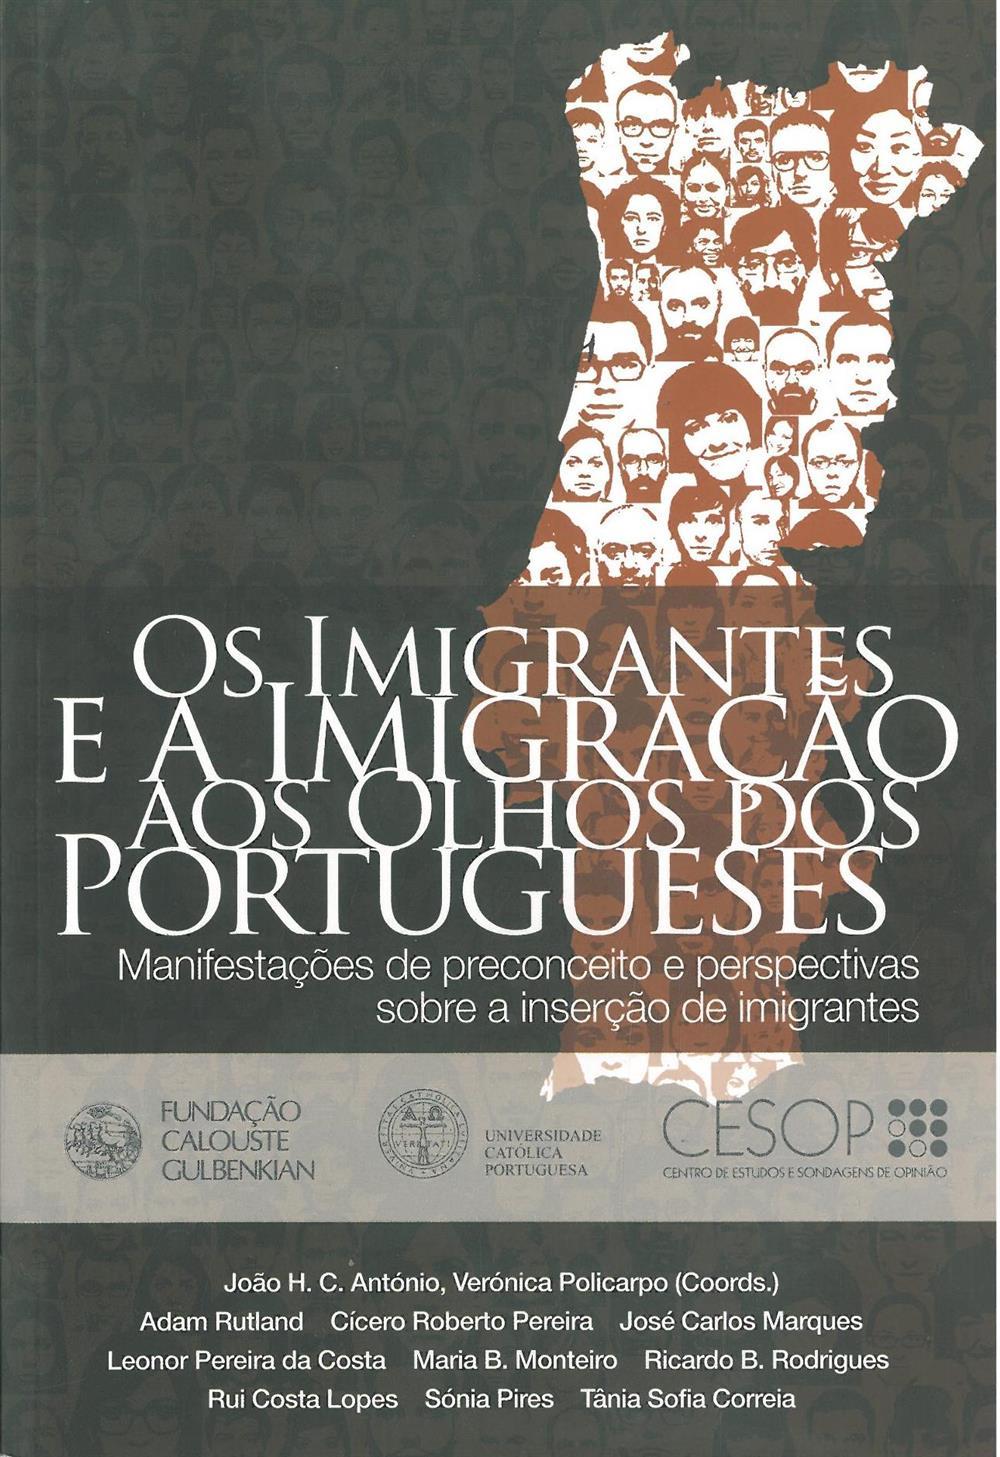 Os imigrantes e a imigração aos olhos dos portugueses_.jpg